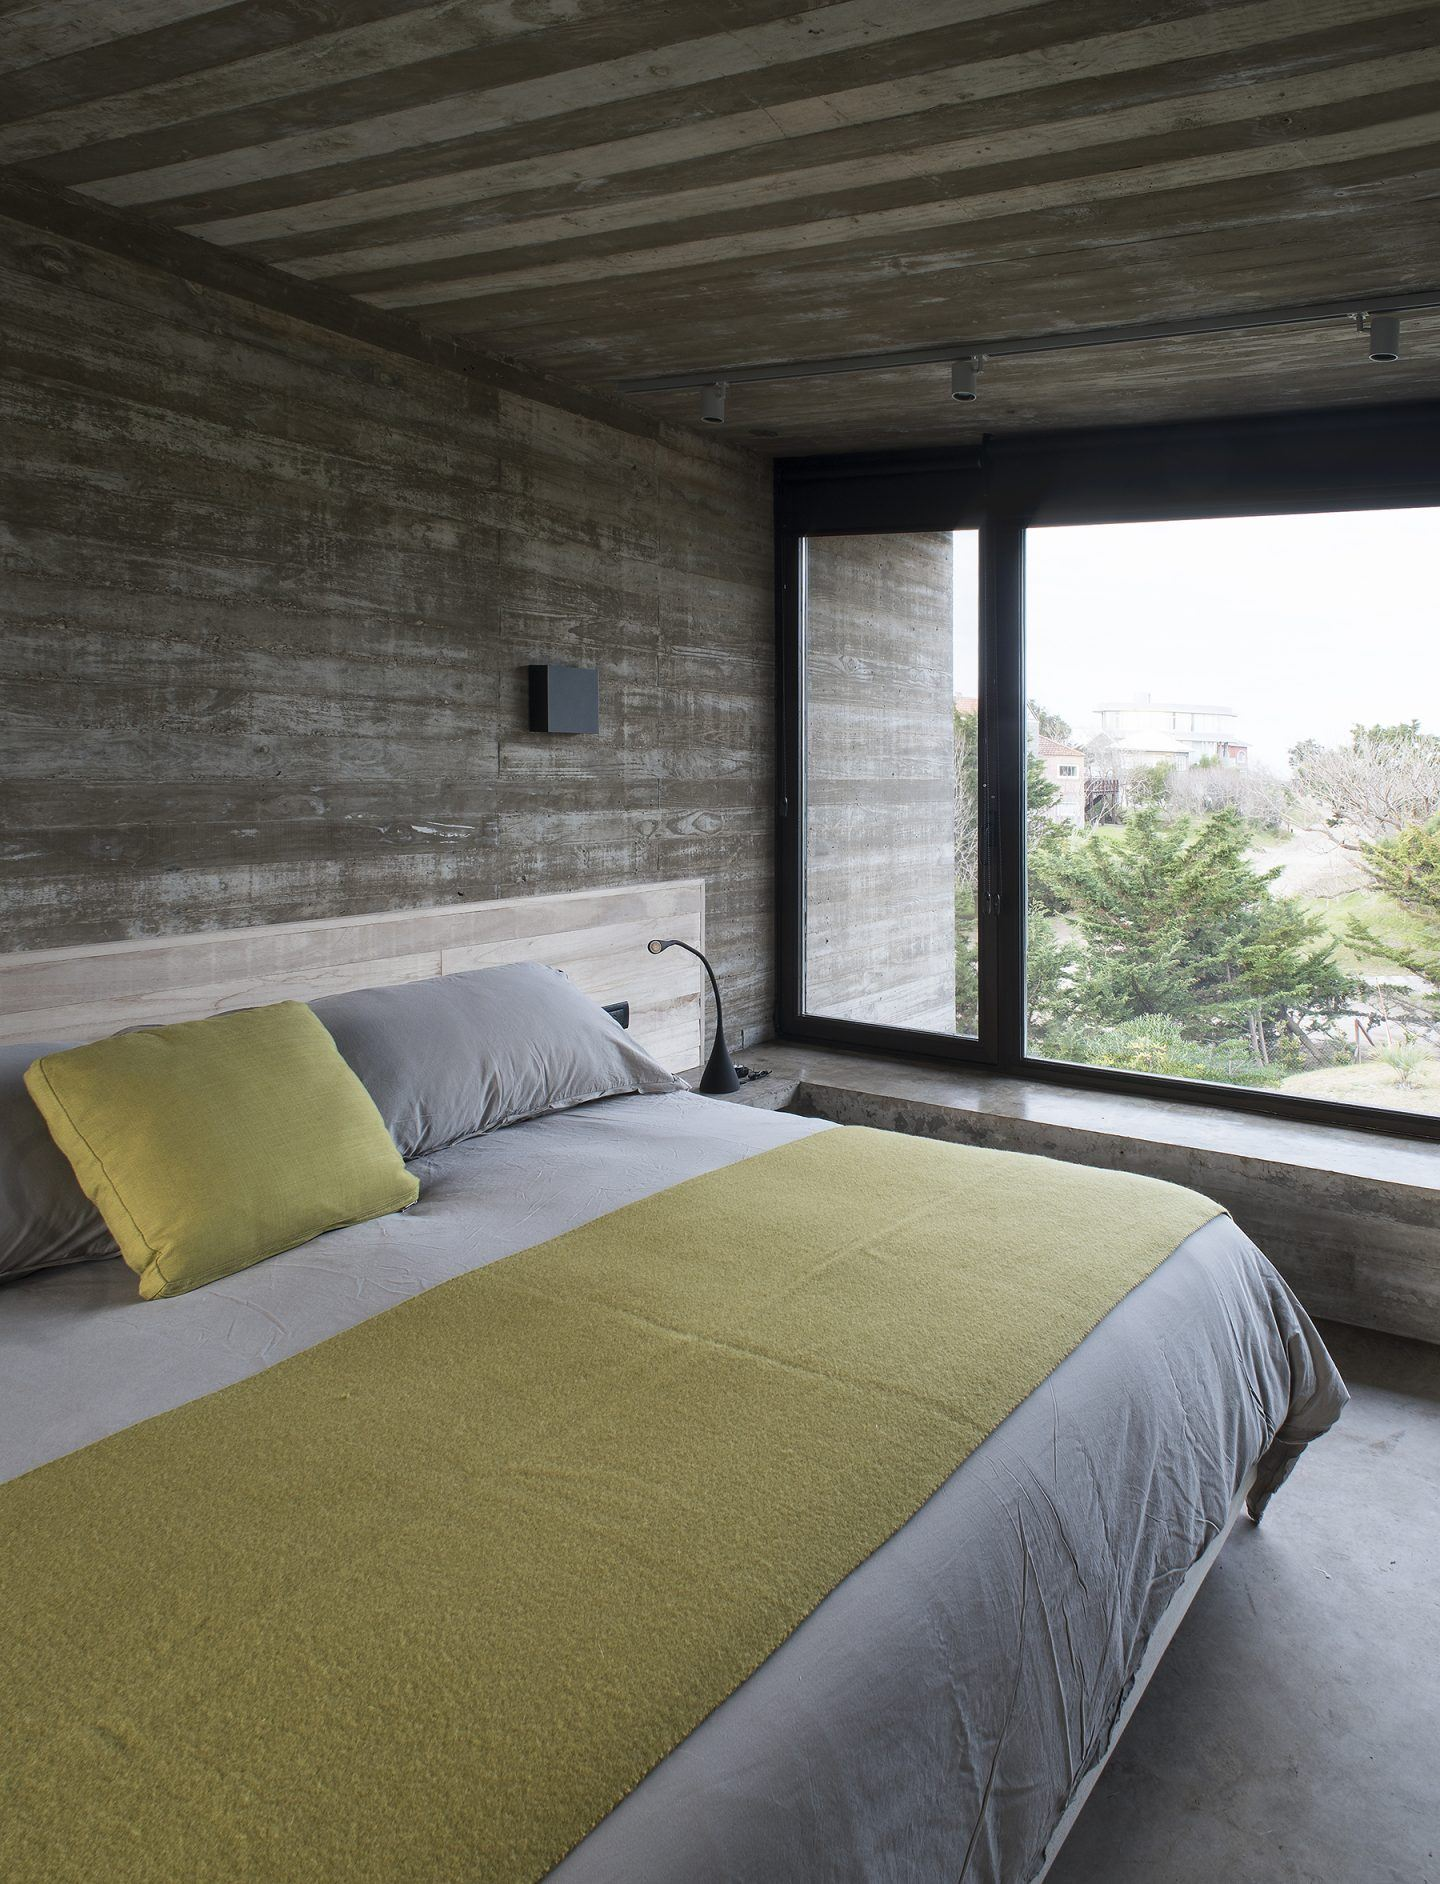 IGNANT-Architecture-Luciano-Kruk-Casa-Carilo-39